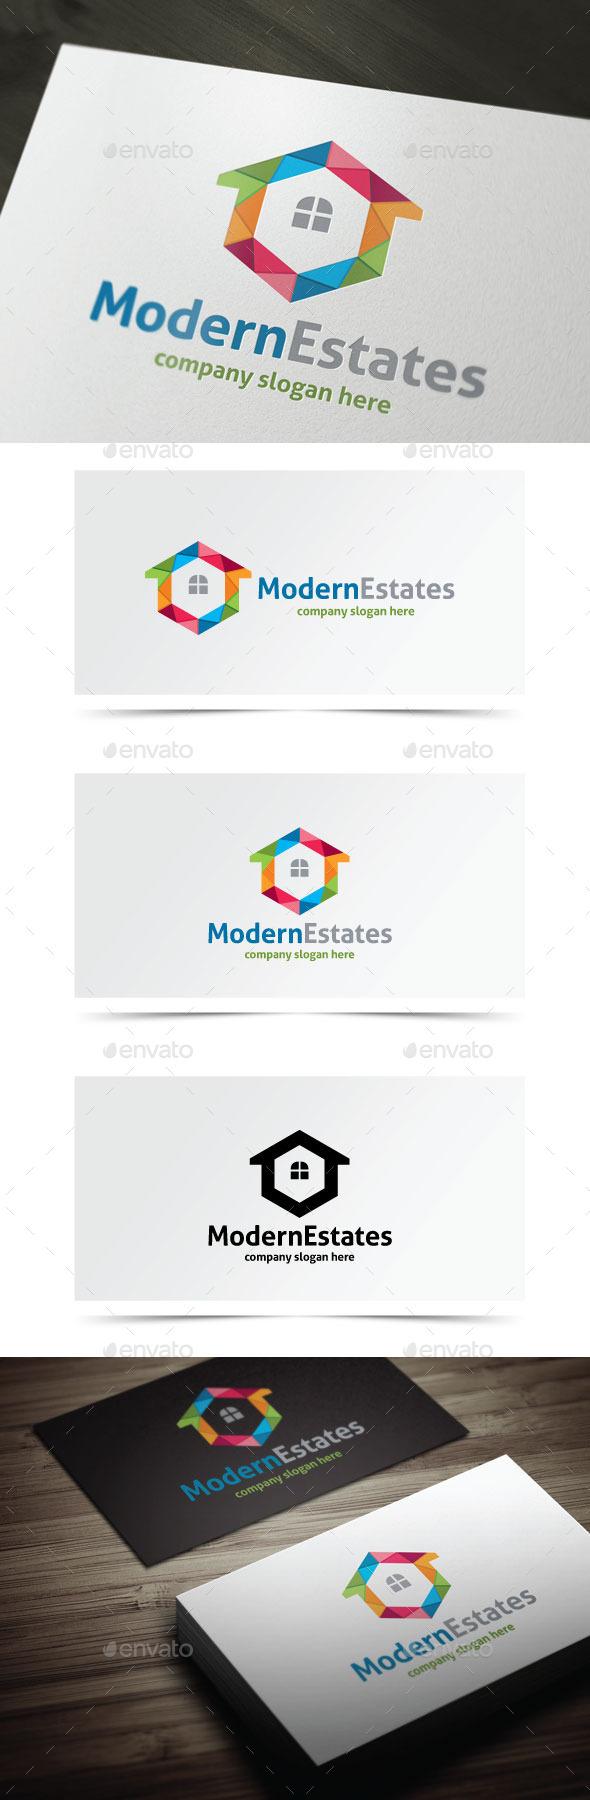 GraphicRiver Modern Estates 9059097